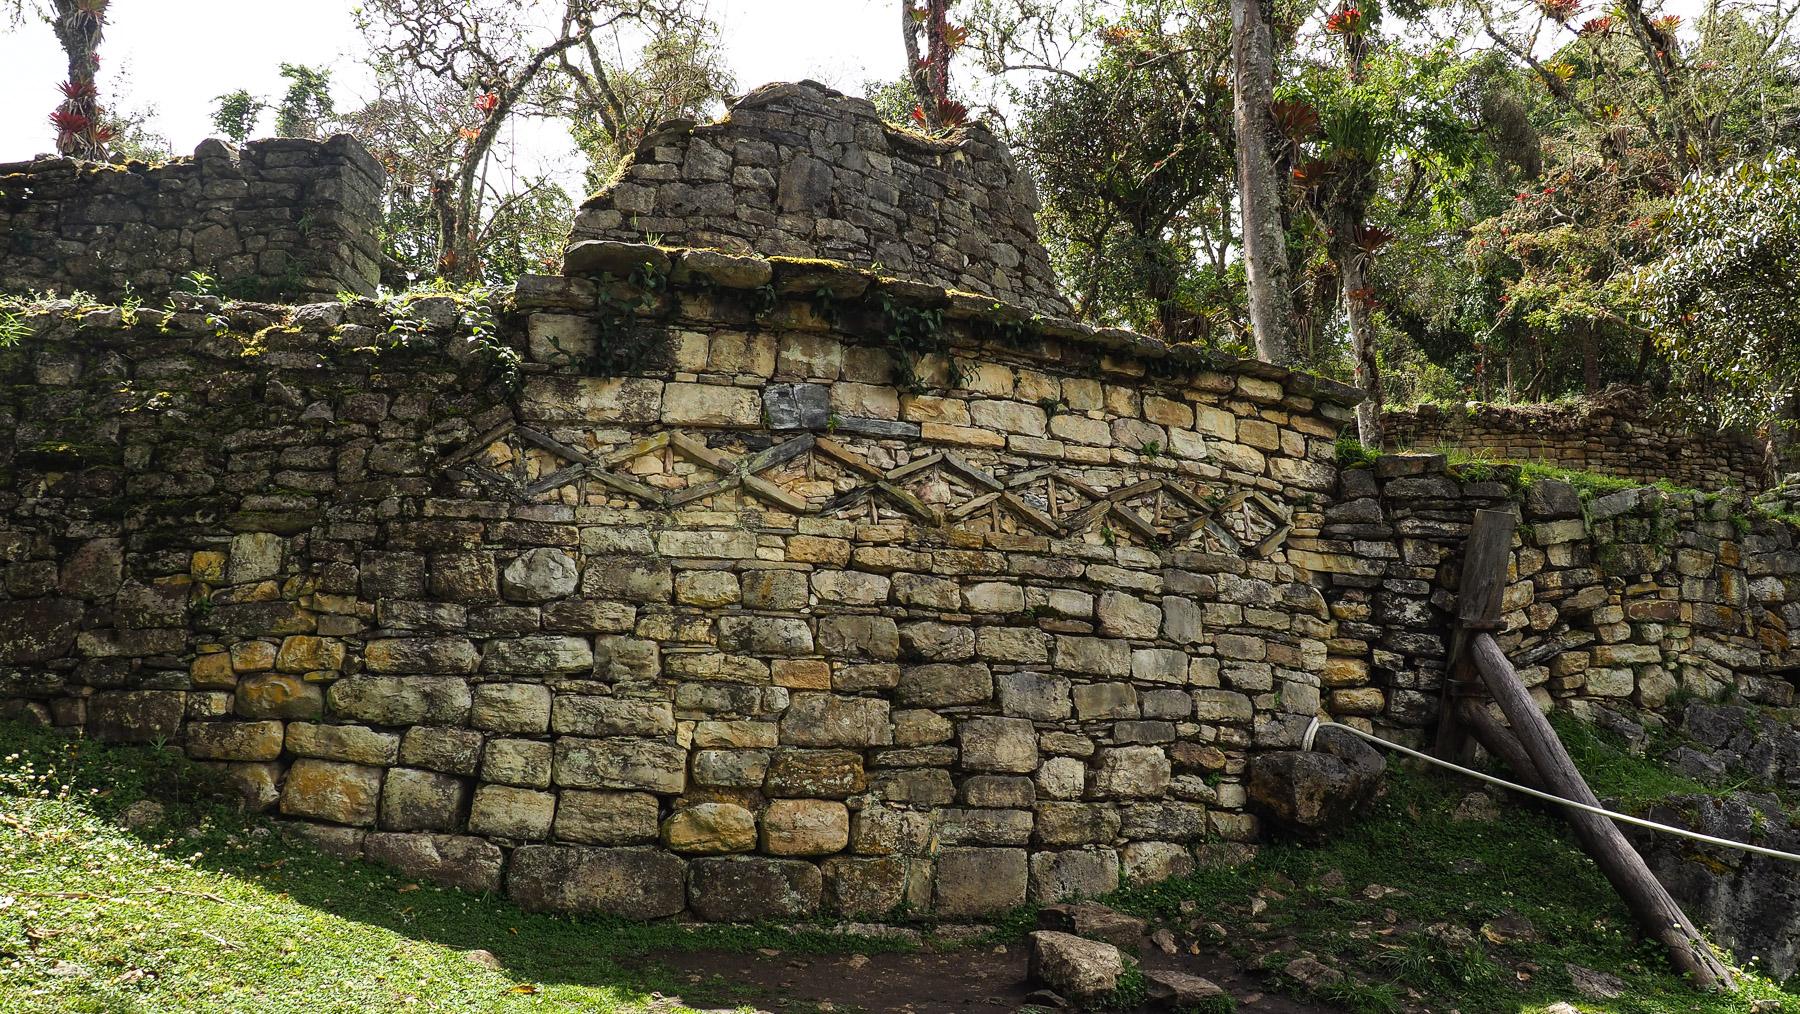 Einfache Verzierungen in den noch vorhandenen Grundmauern der Rundbauten